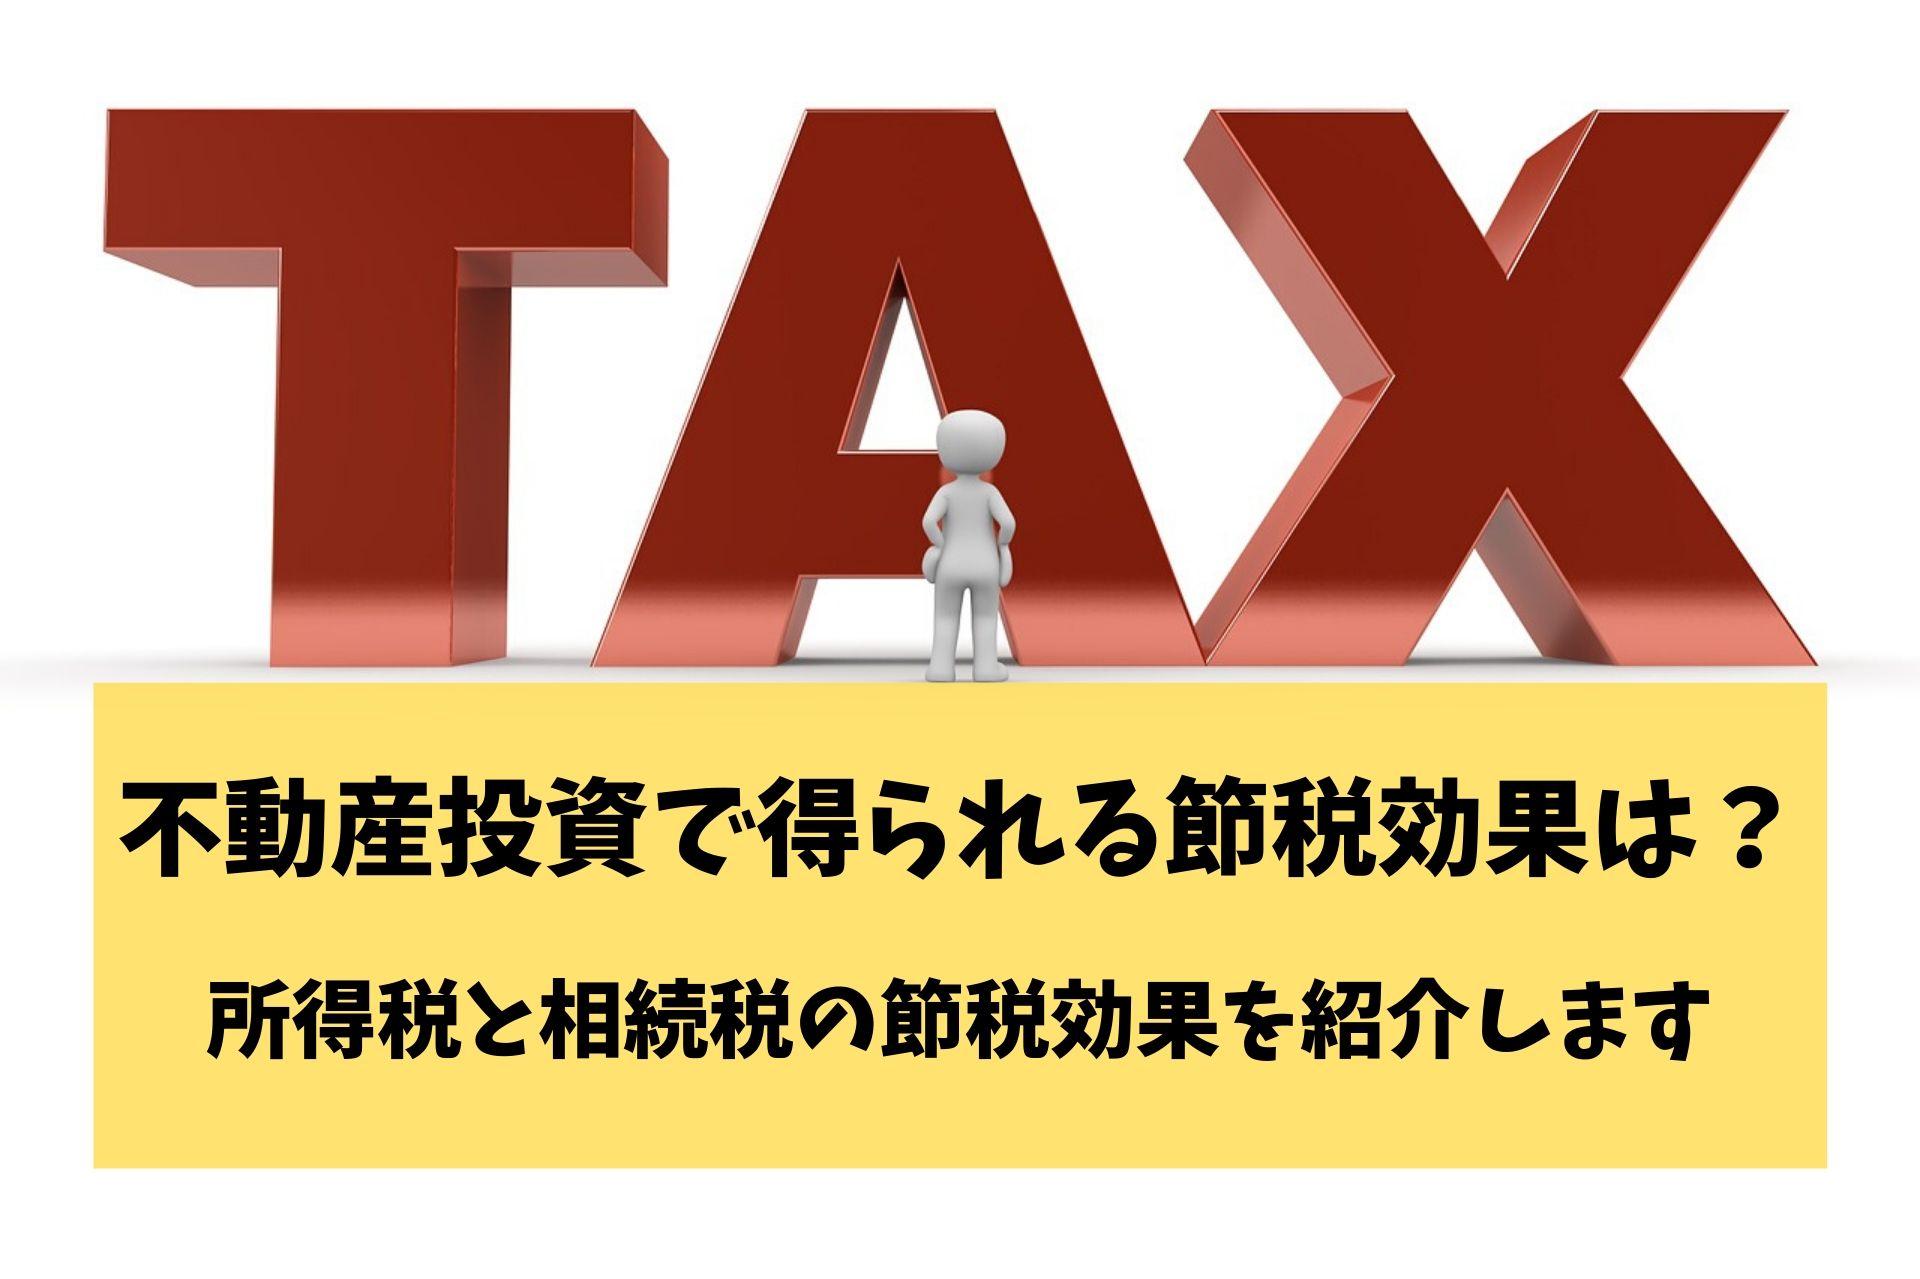 不動産投資で得られる節税効果は?所得税と相続税の節税効果